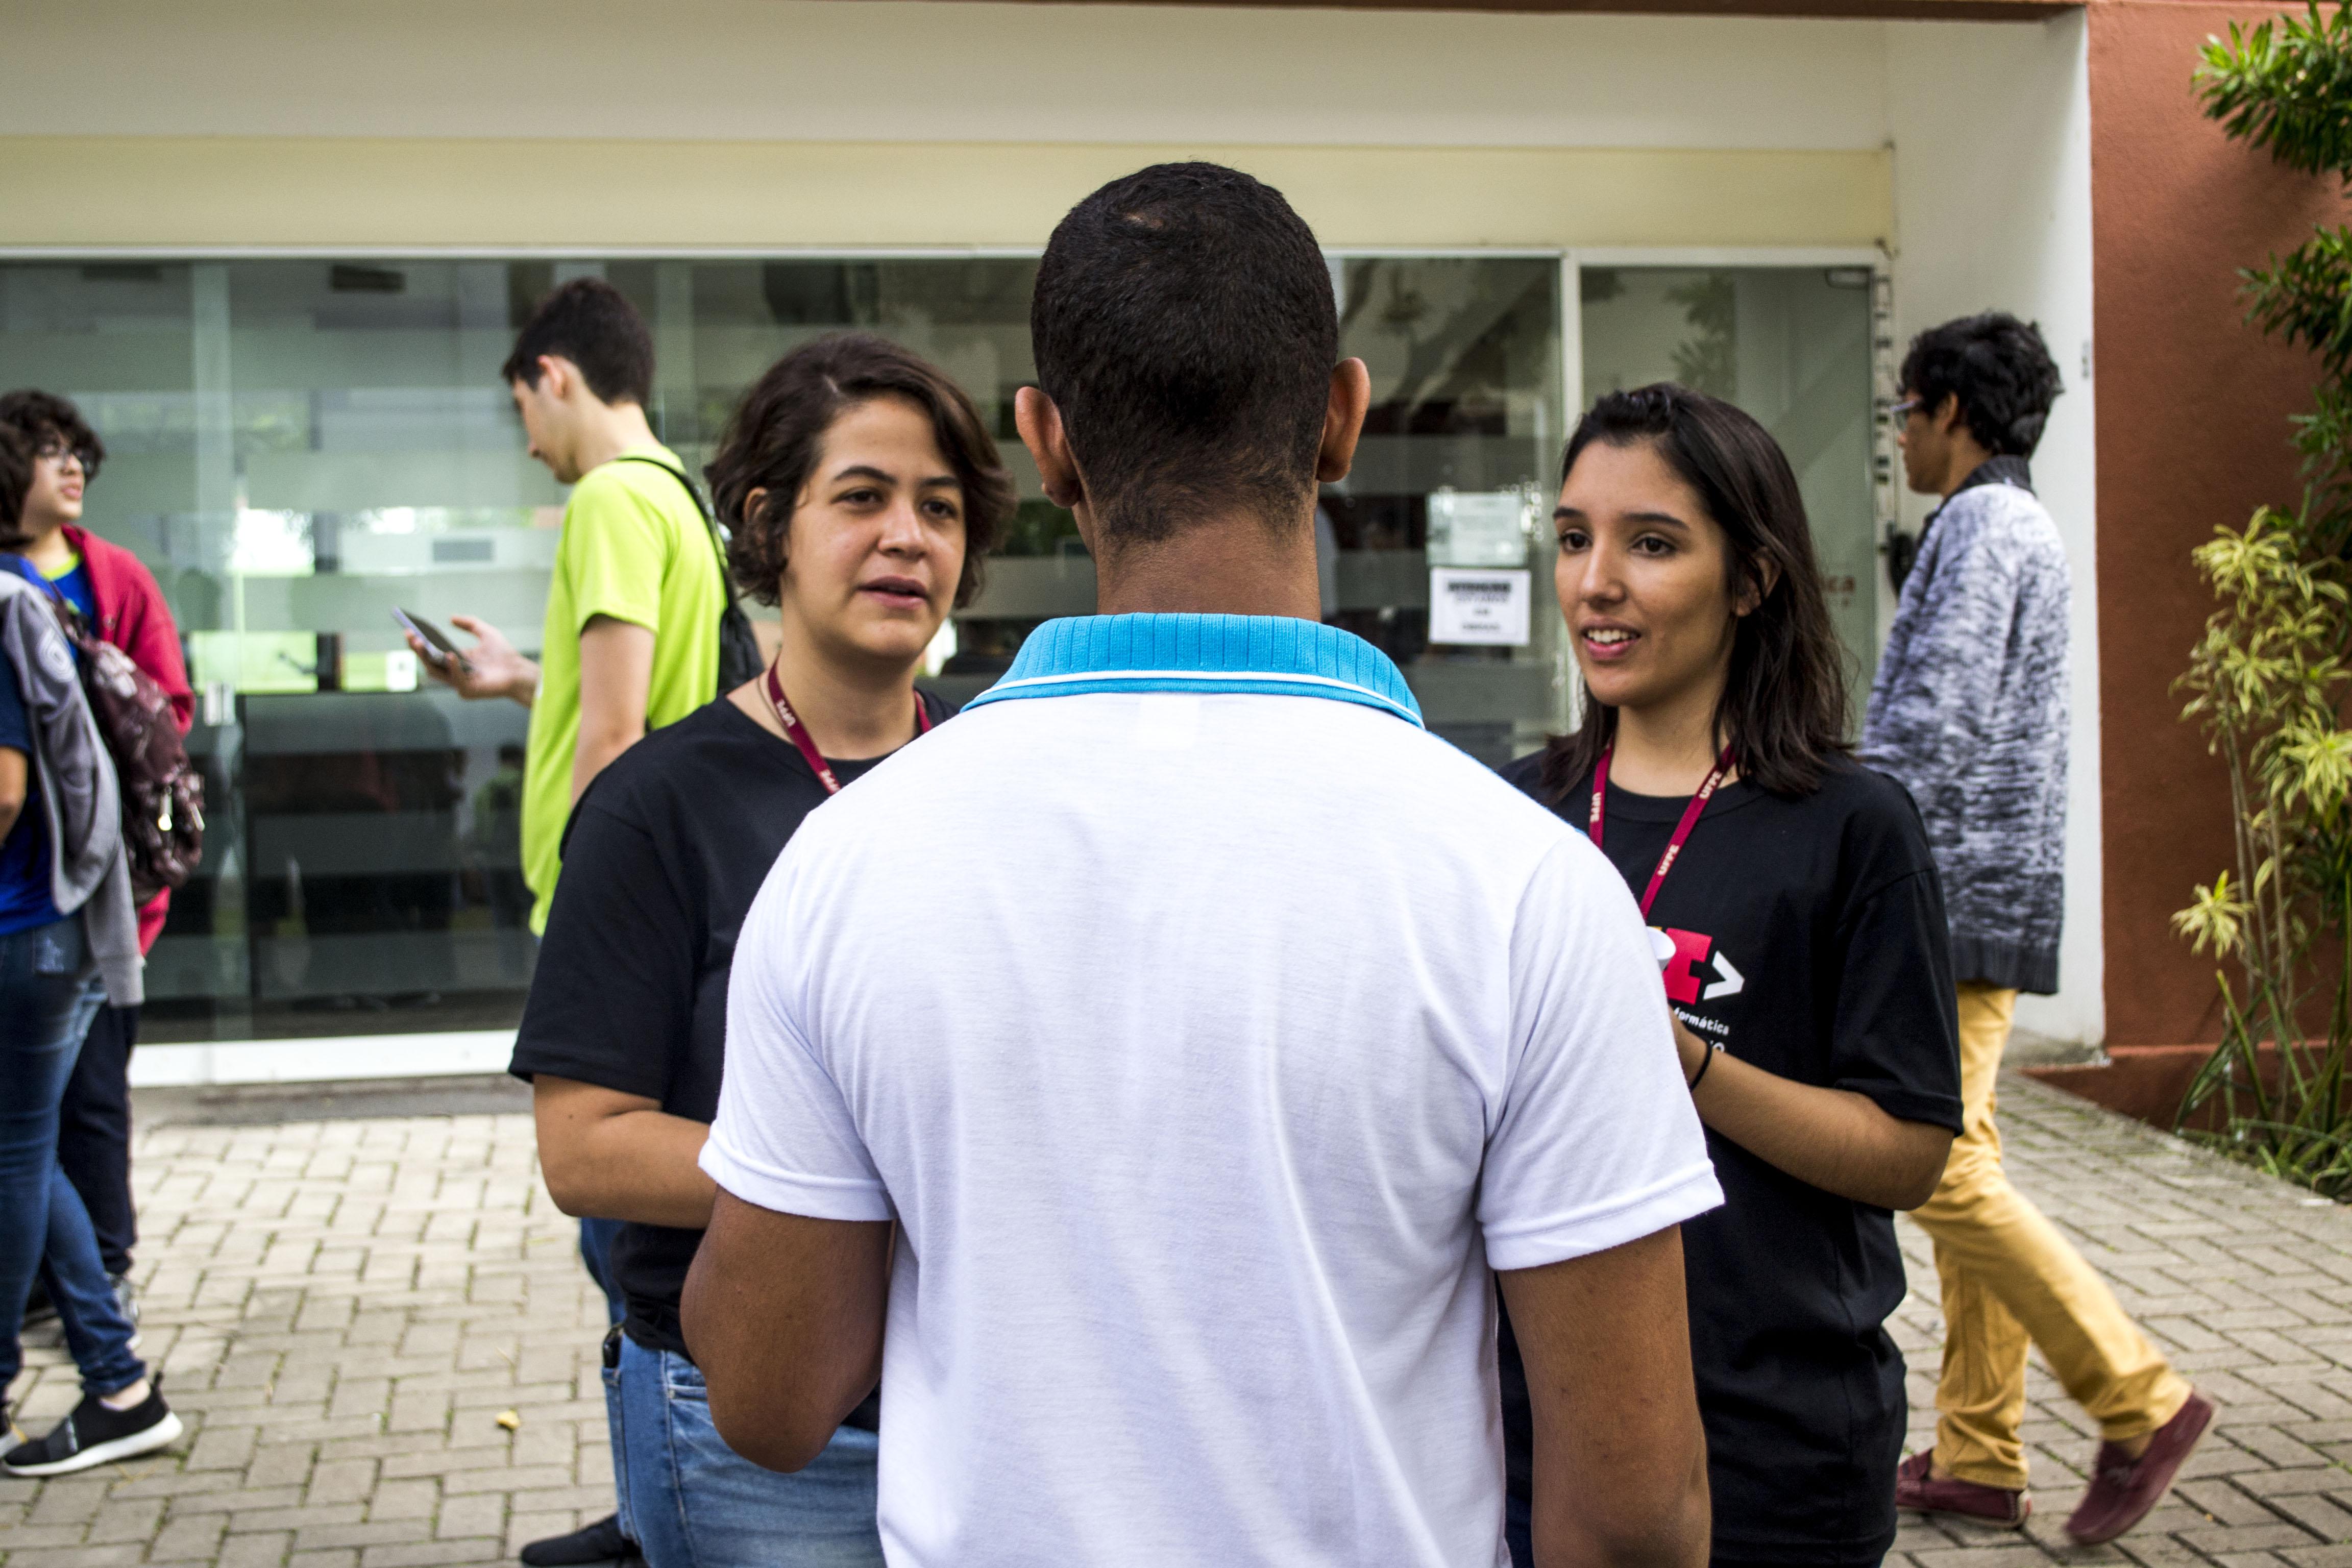 Duas petianas conversando com um participante da Olimpíada Pernambucana de Informática. Ao fundo, a entrada do Centro de Informática da Universidade Federal de Pernambuco e outras pessoas alunas.